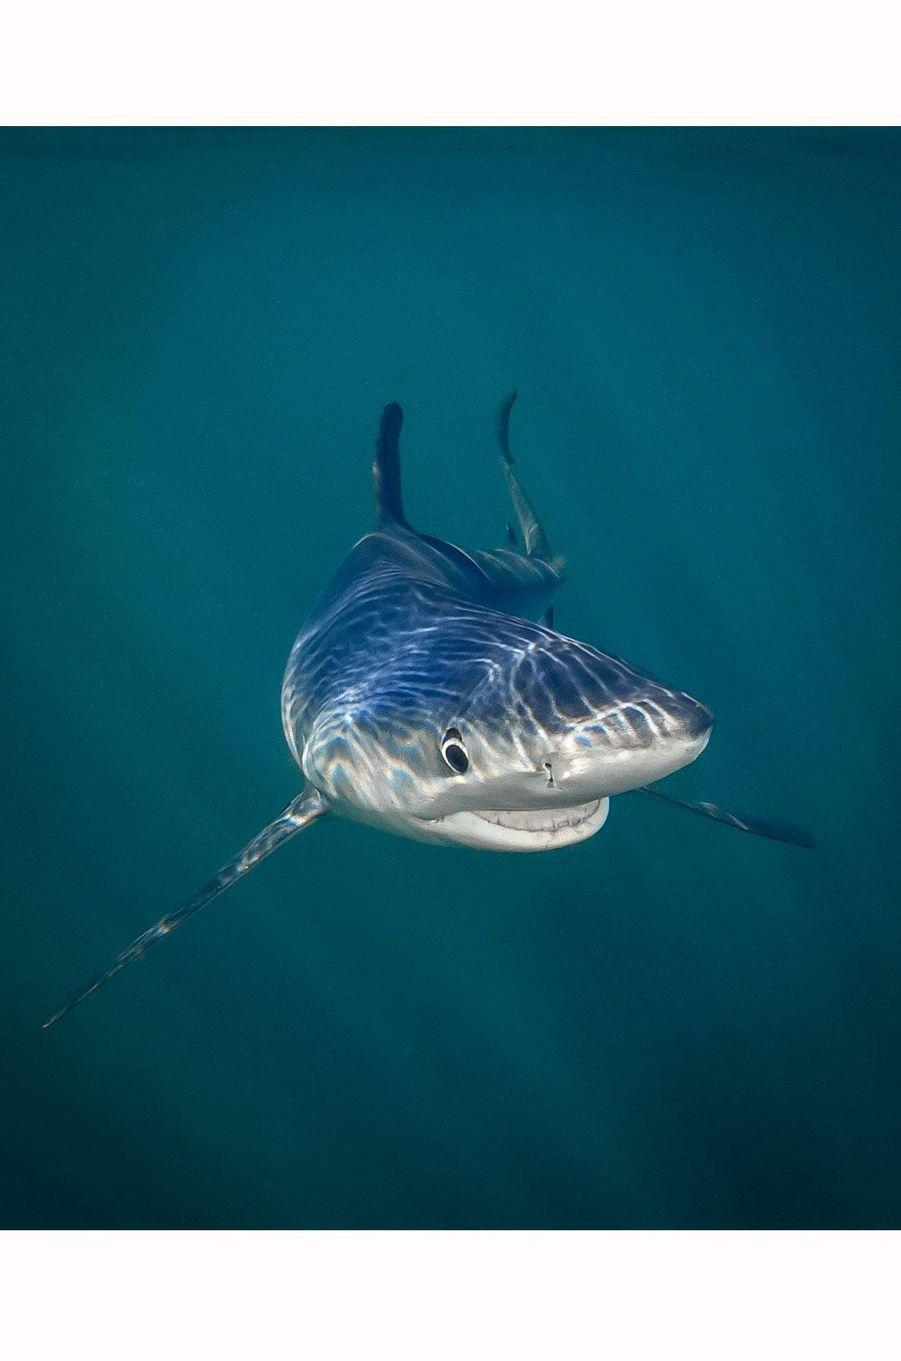 Un requin au sourire démoniaque.